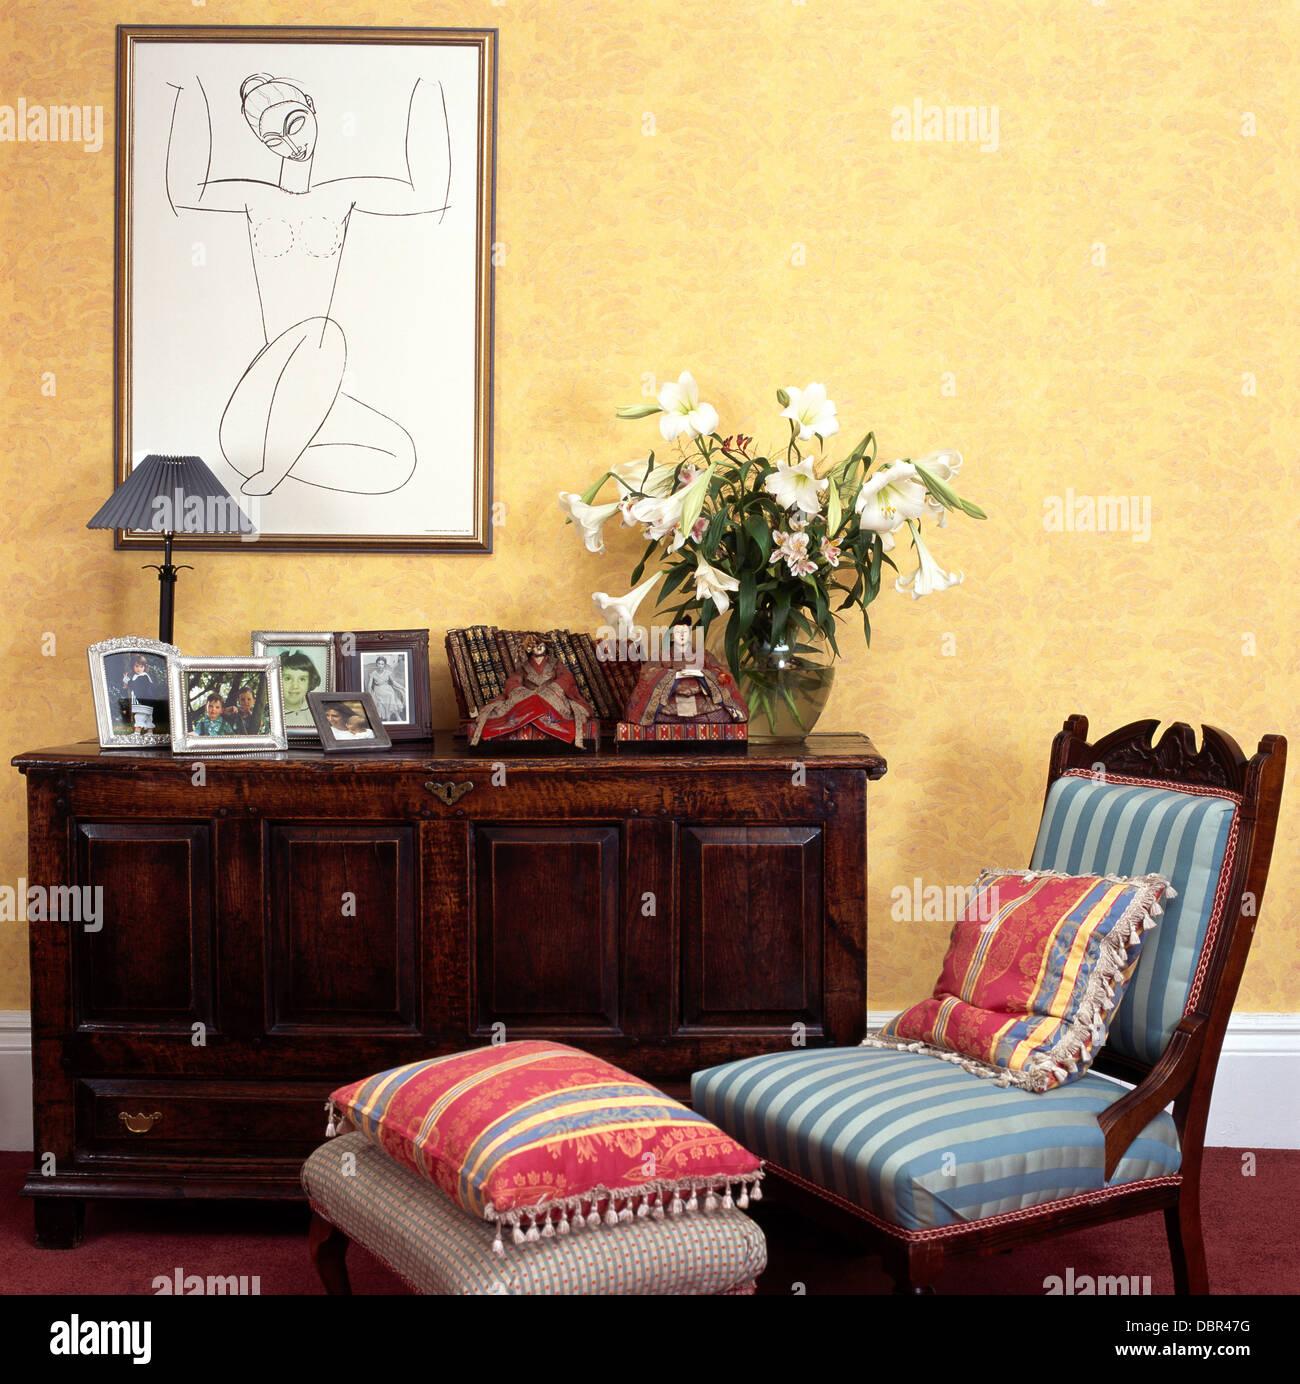 Gerahmte Zeichnung oben Eiche Sideboard im Esszimmer mit blauen ...